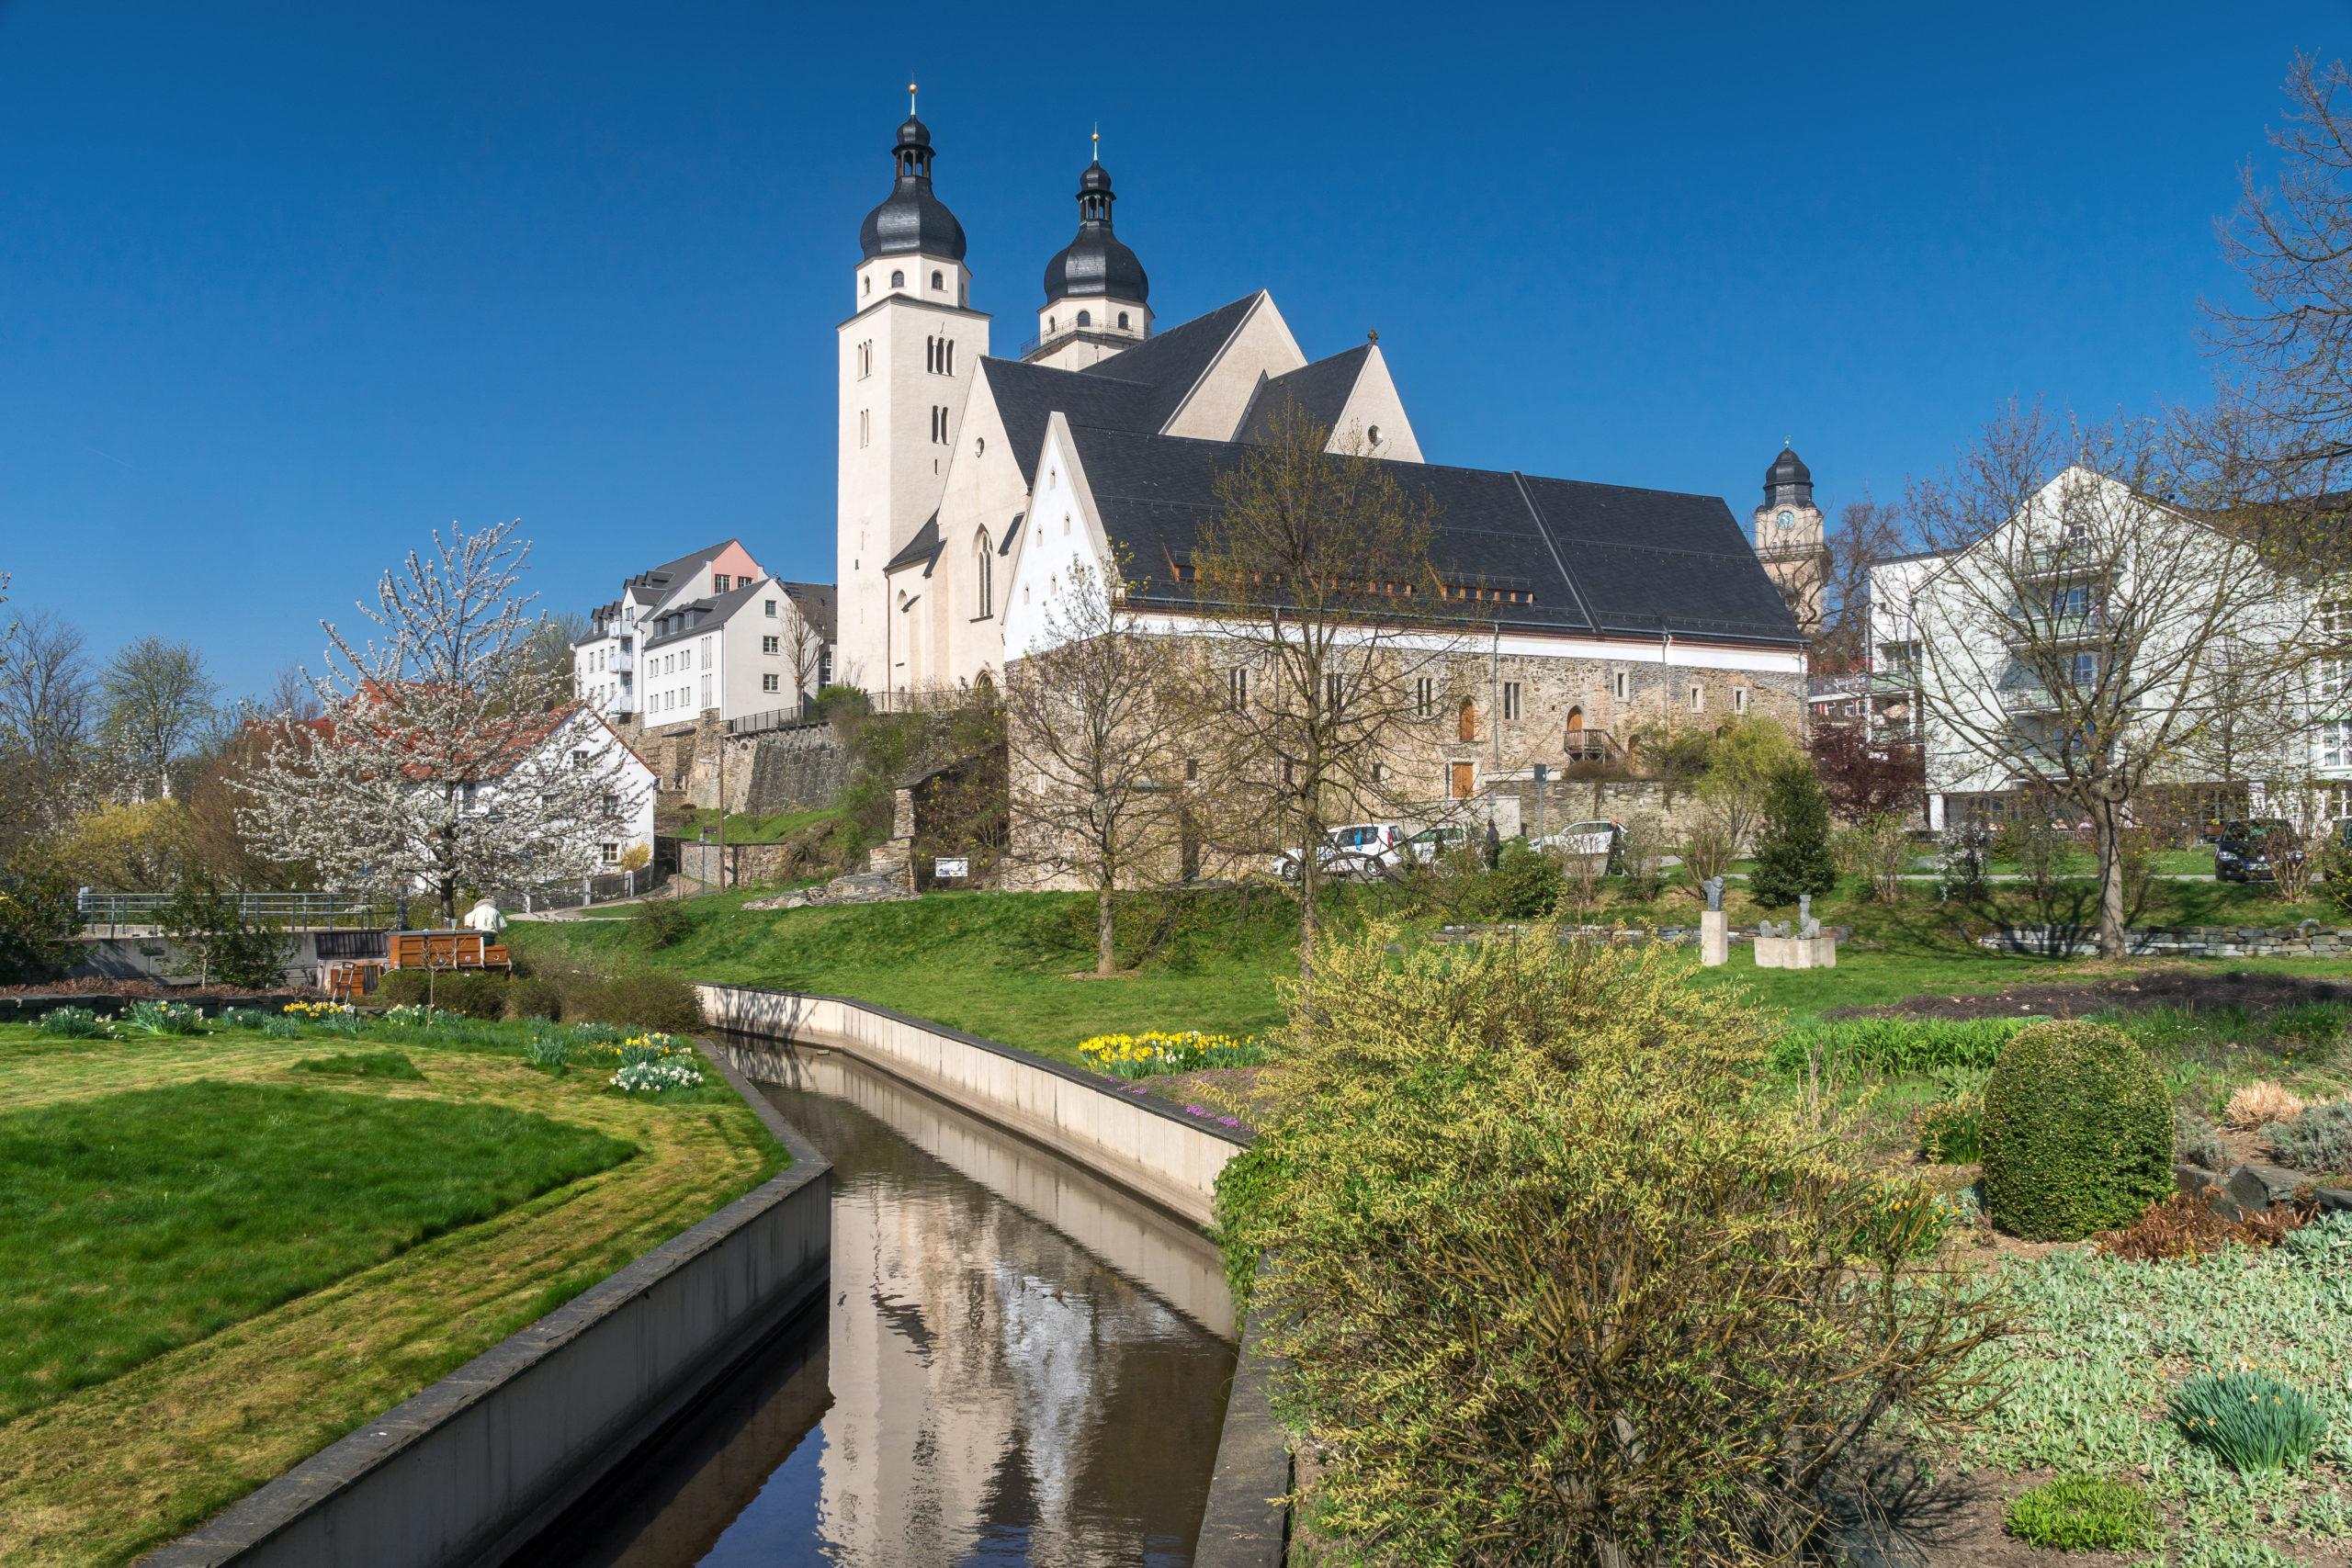 St. Johanniskirche Plauen